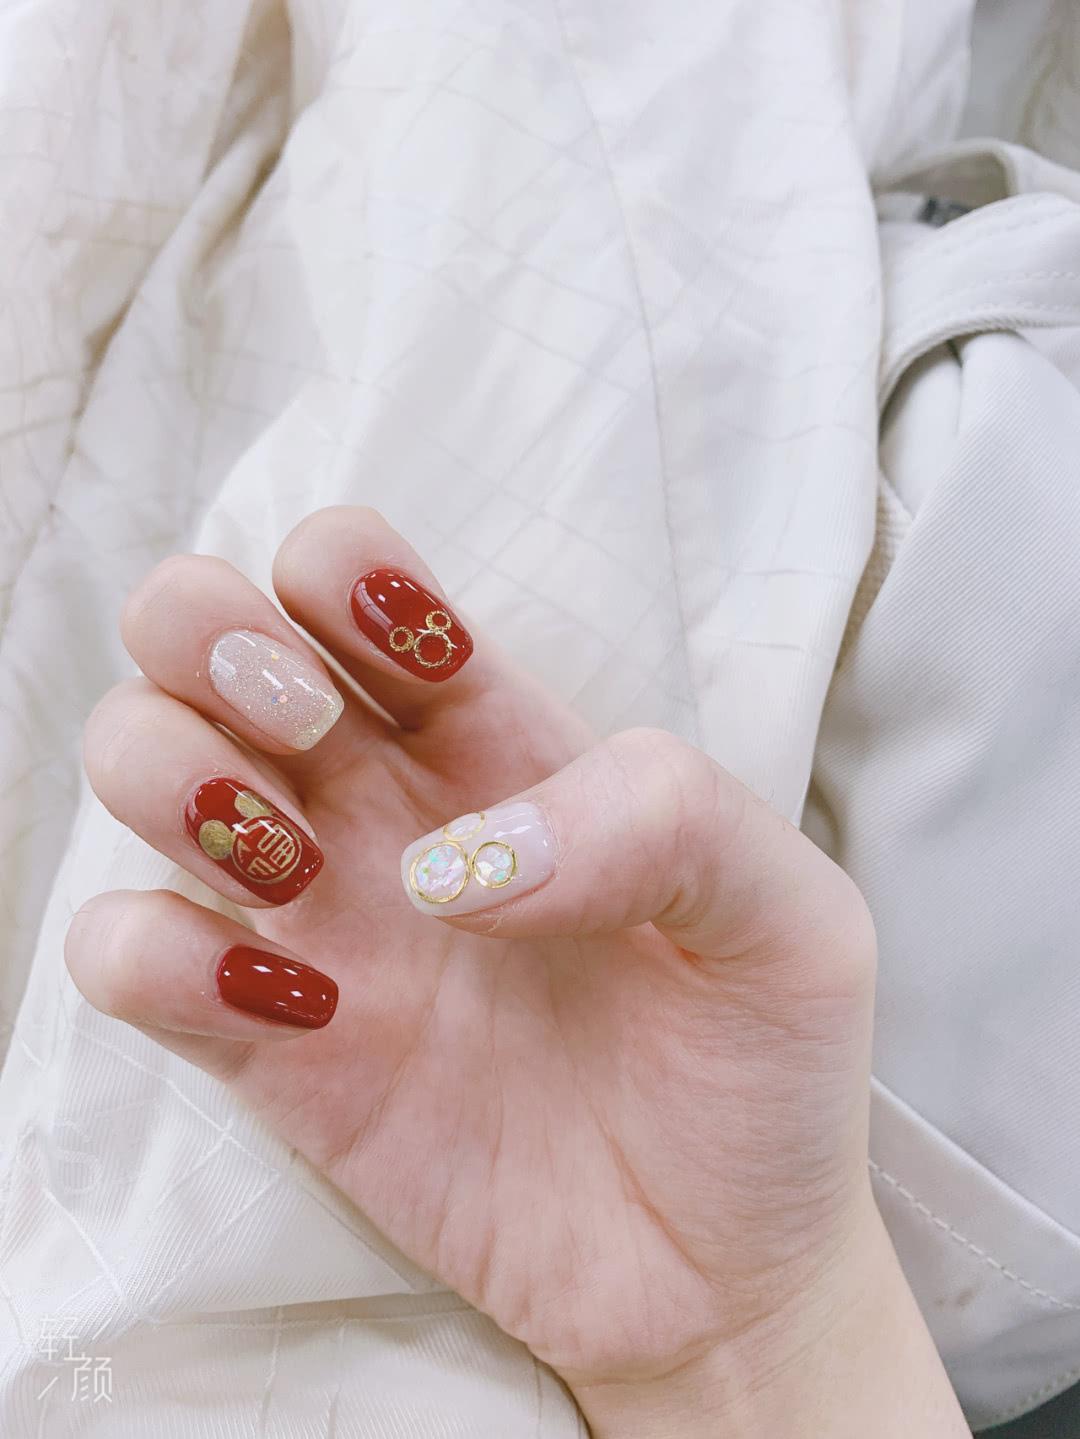 Gợi ý 12 mẫu nails vừa đơn giản lại đẹp sang, rất hợp dịp Tết Canh Tý 2020  - Ảnh 4.